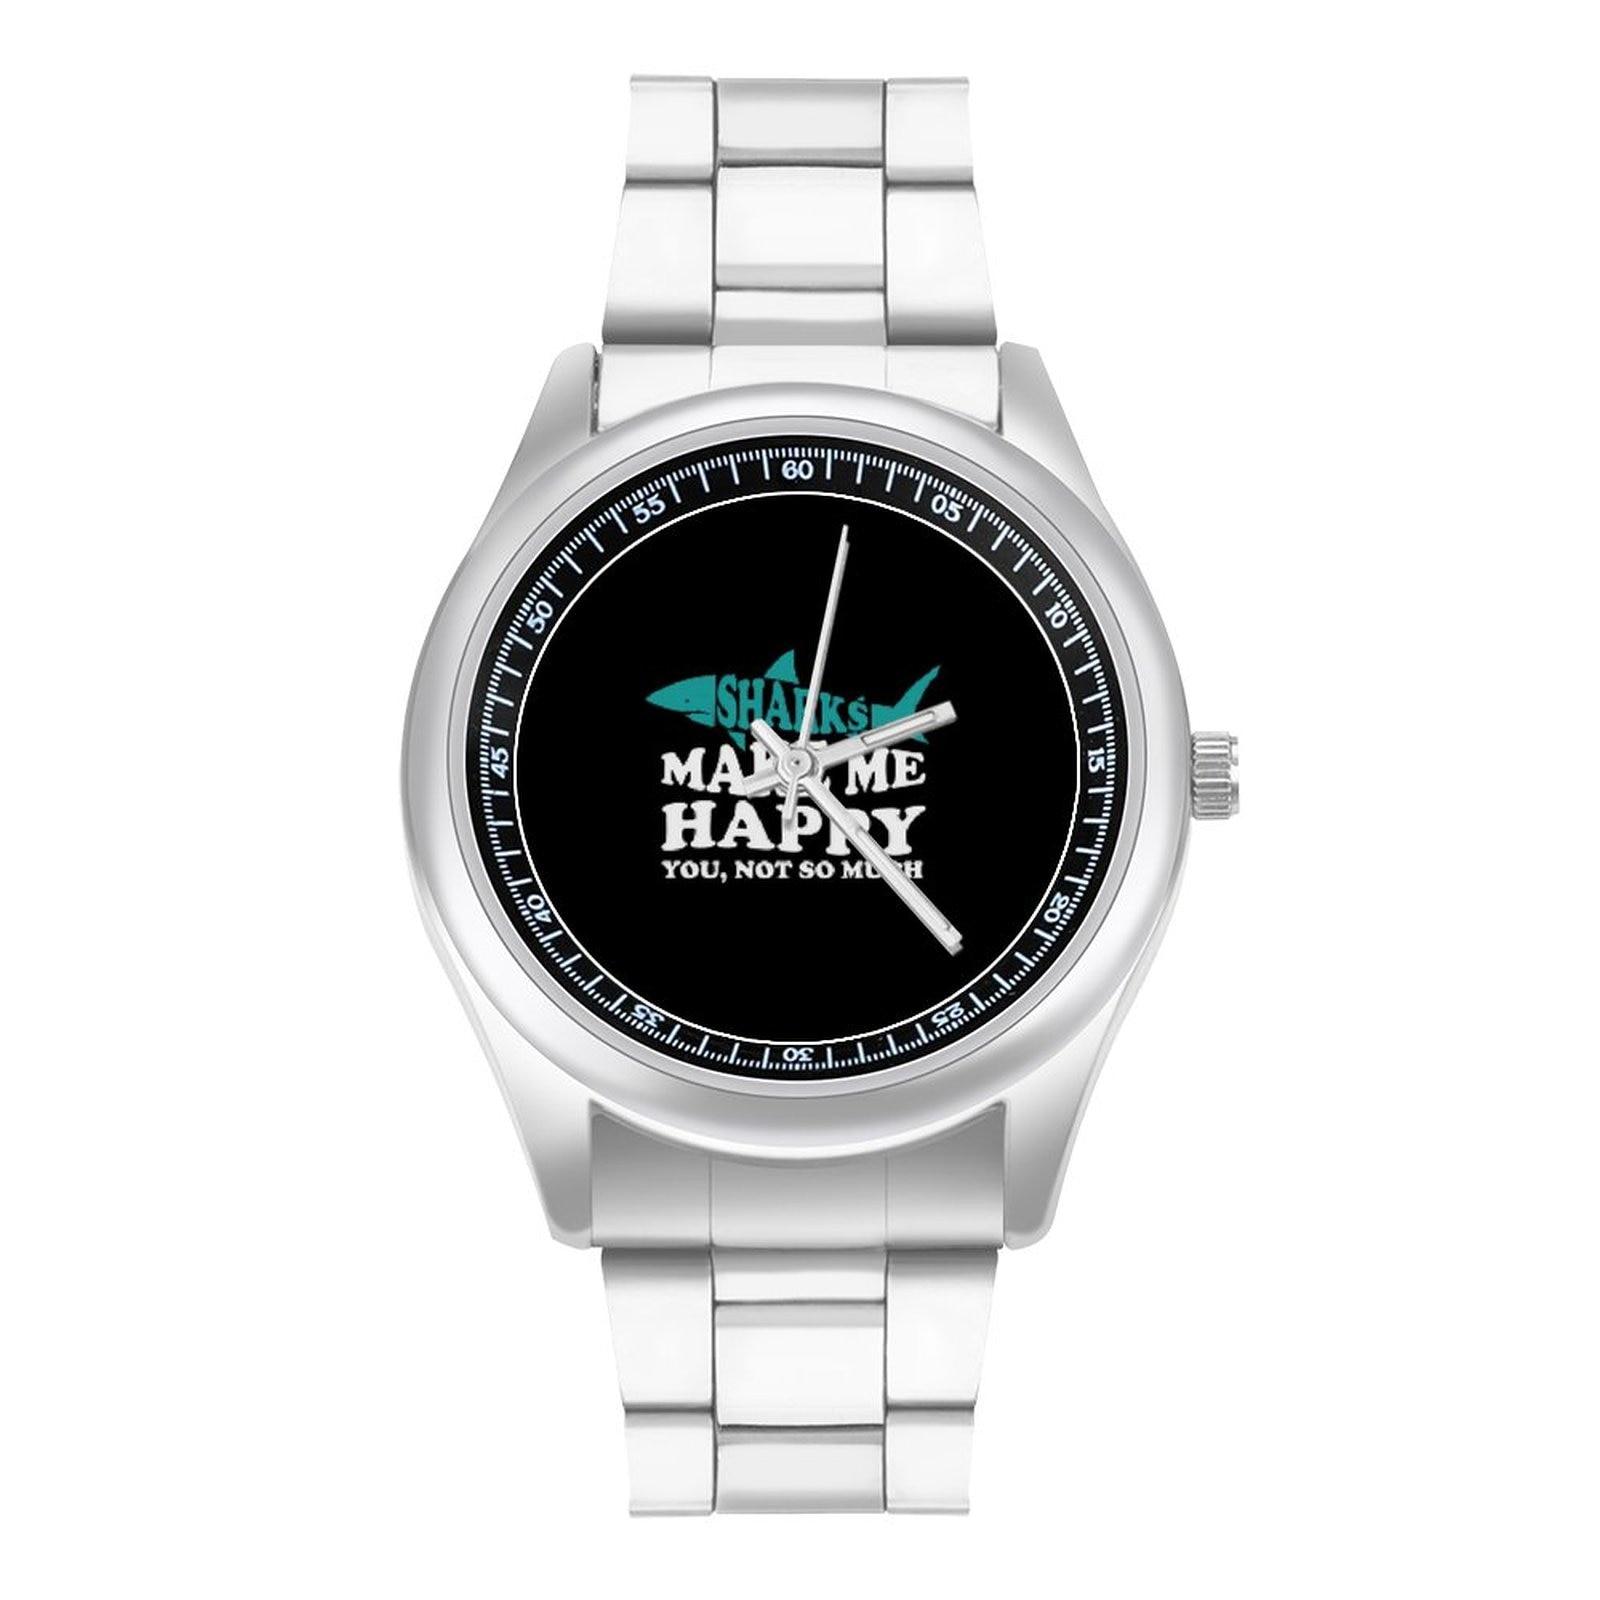 Shark Quartz Watch Gym Neat Wrist Watch Stainless Design Wideband Lady Wristwatch